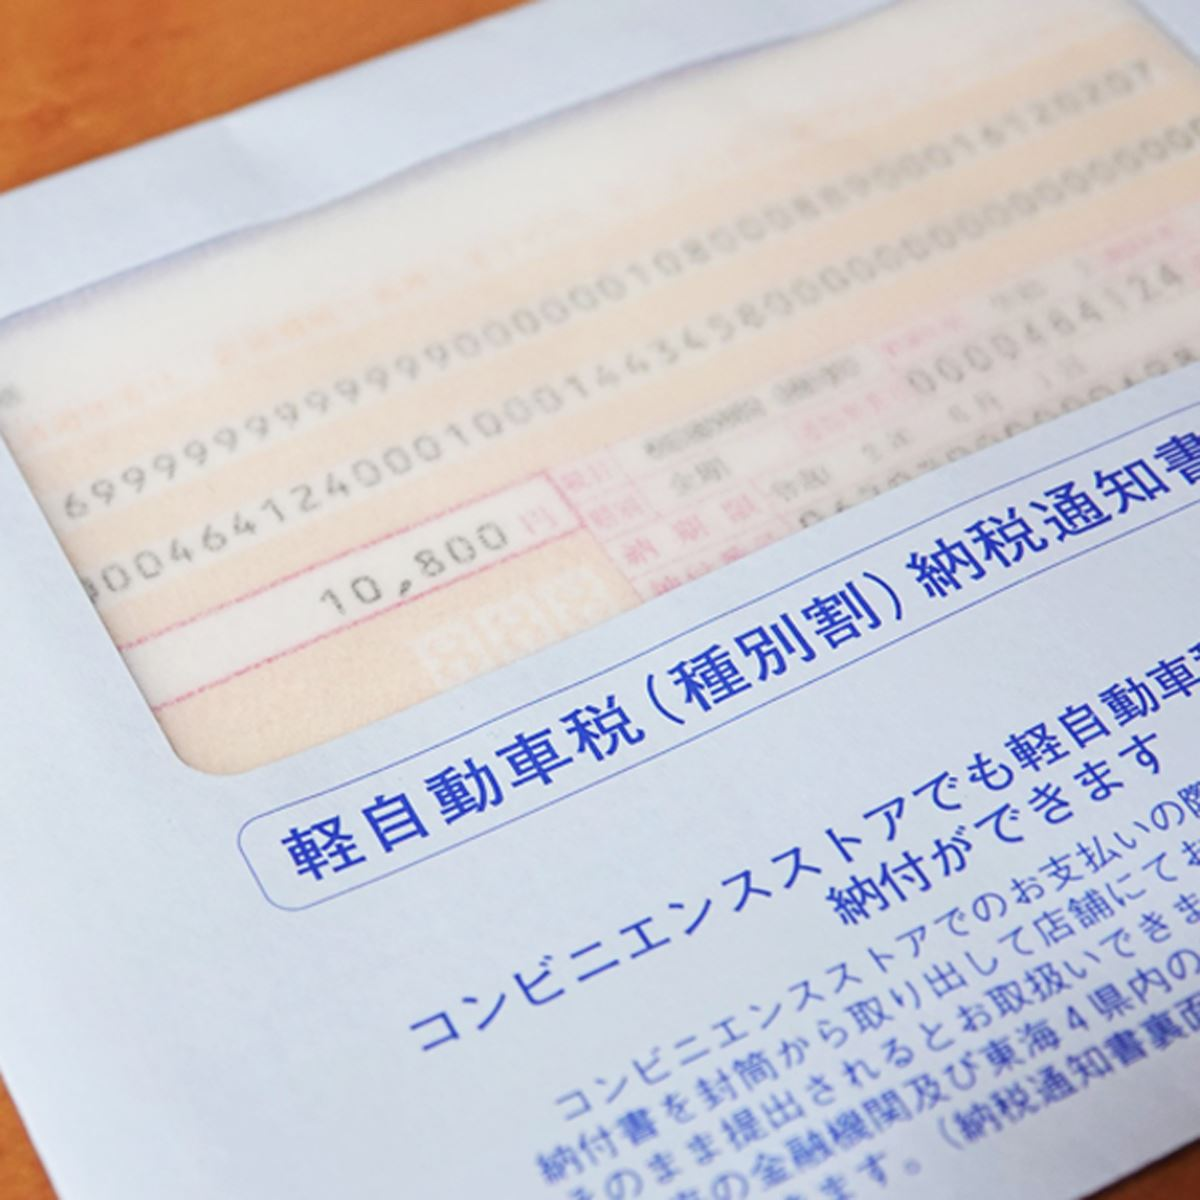 愛知 県 税 クレジット カード お 支払い サイト